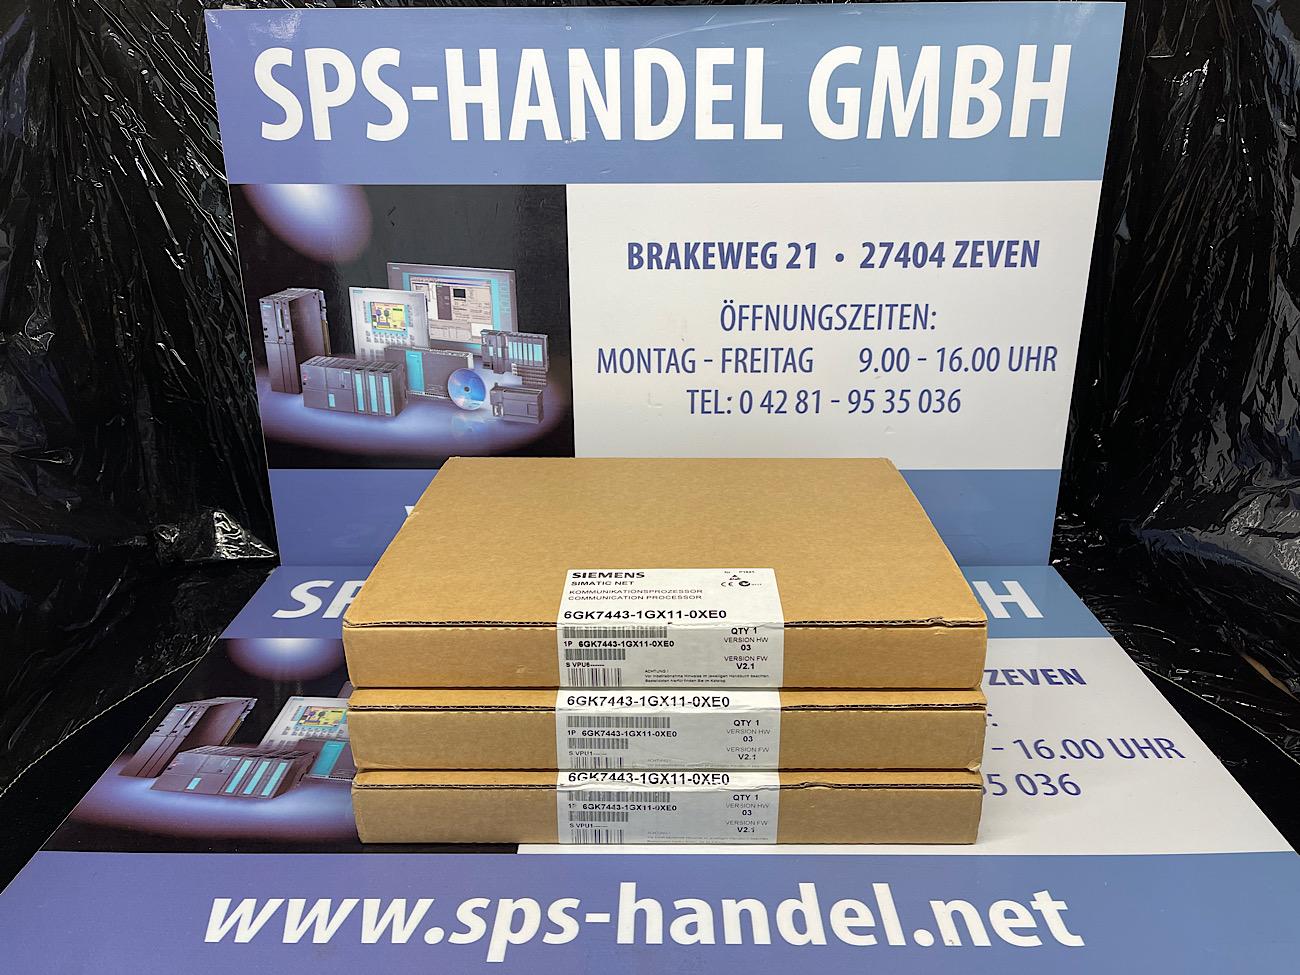 6GK7443-1GX11-0XE0 | CP443-1 IT | NEU Siegel 30%